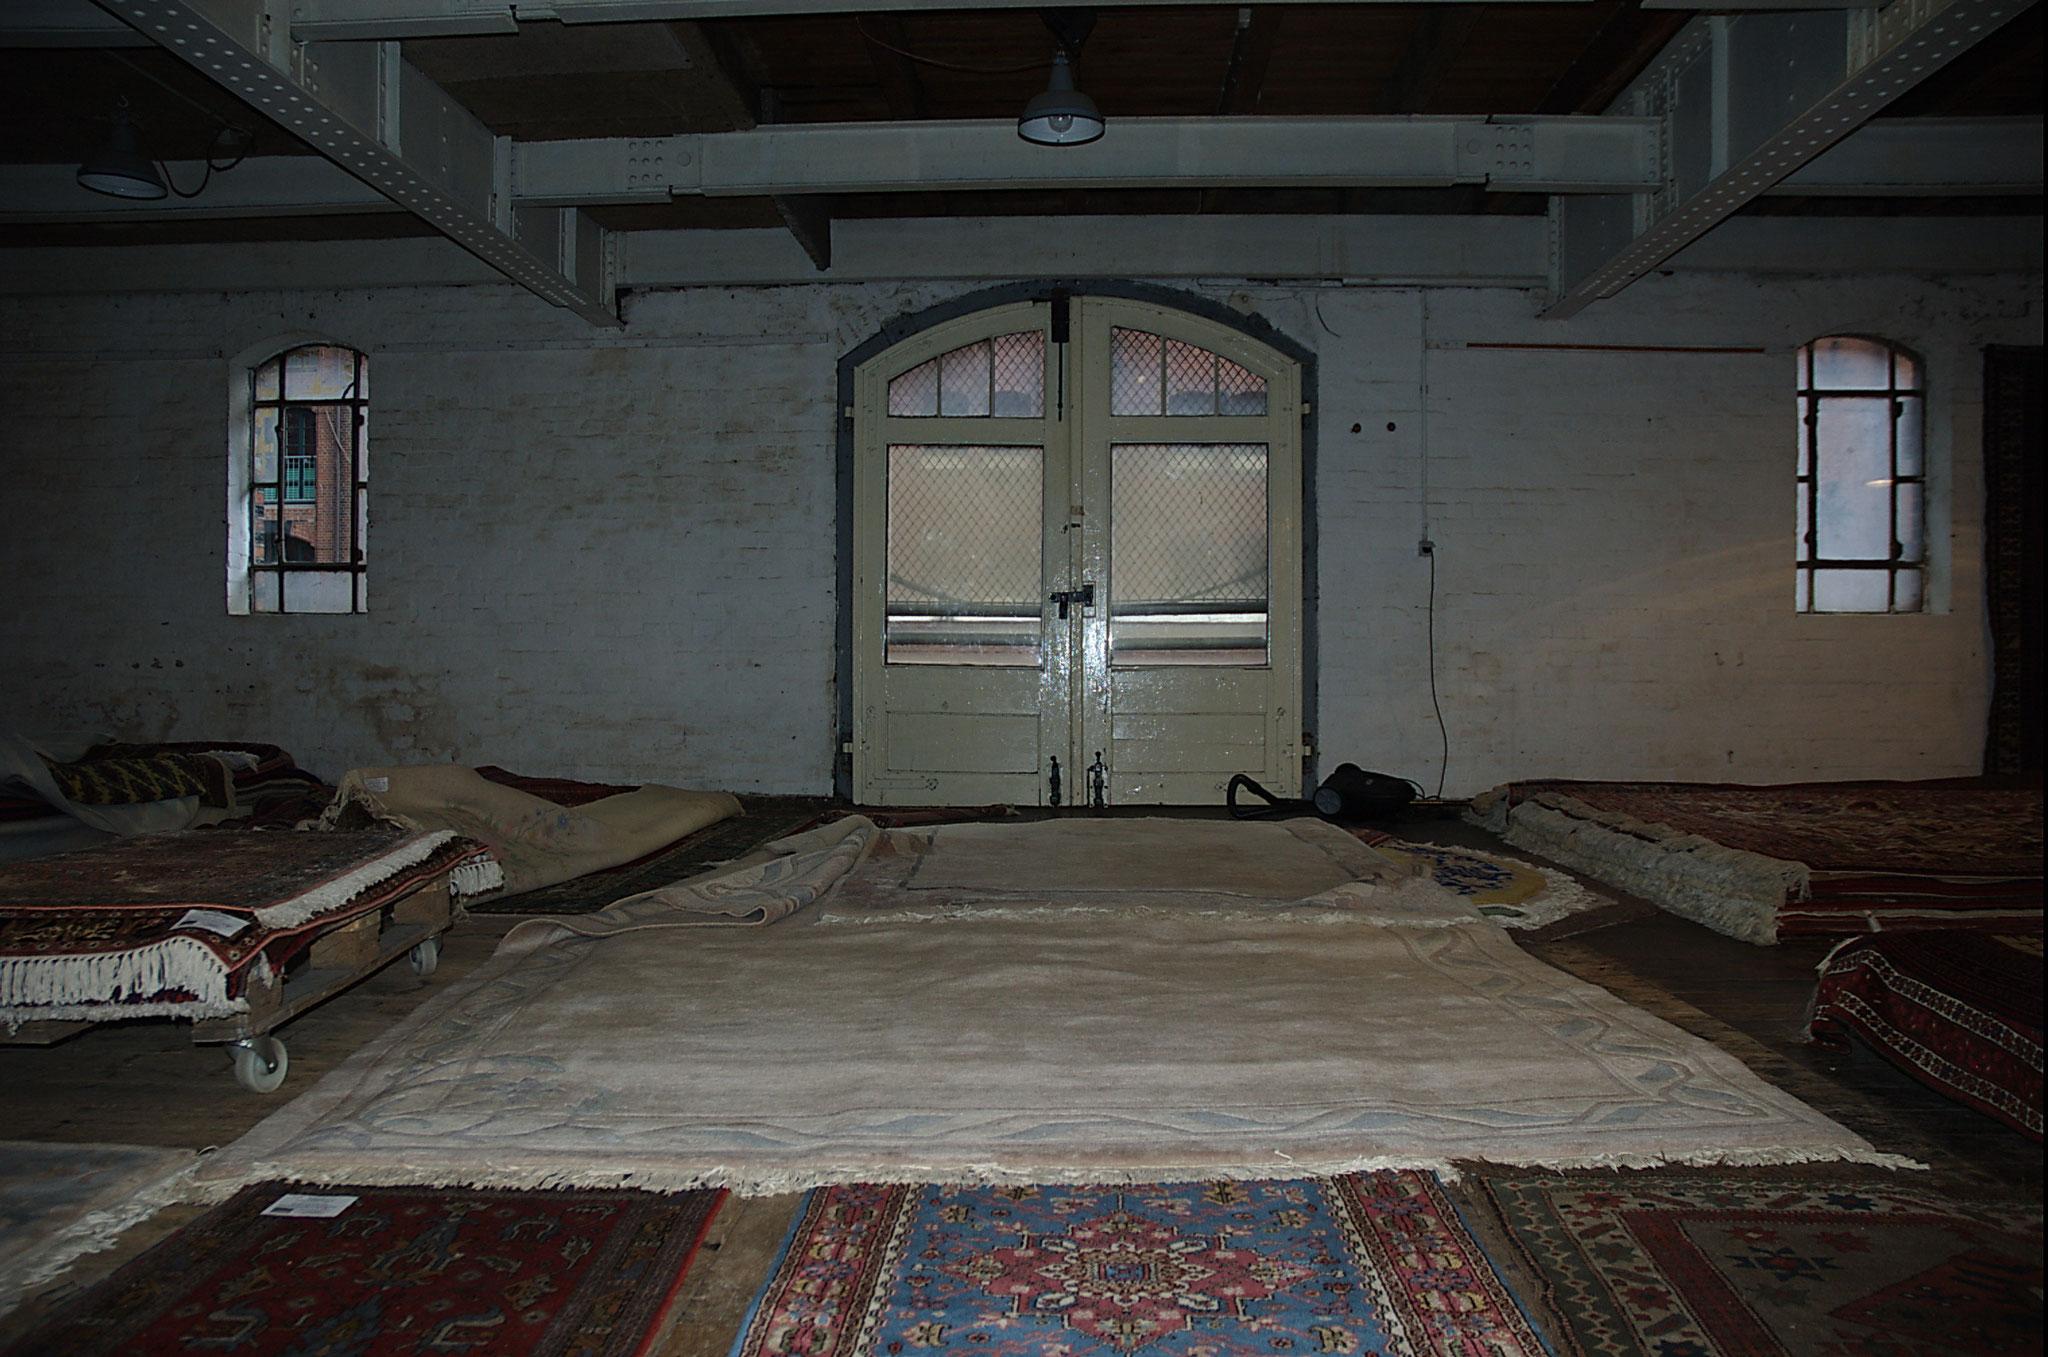 und wenn man hochläuft, zum Gewürzmuseum, kann man hier überall kurz einen Blick reinwerfen und vielleicht sogar einen Teppich kaufen..:-)